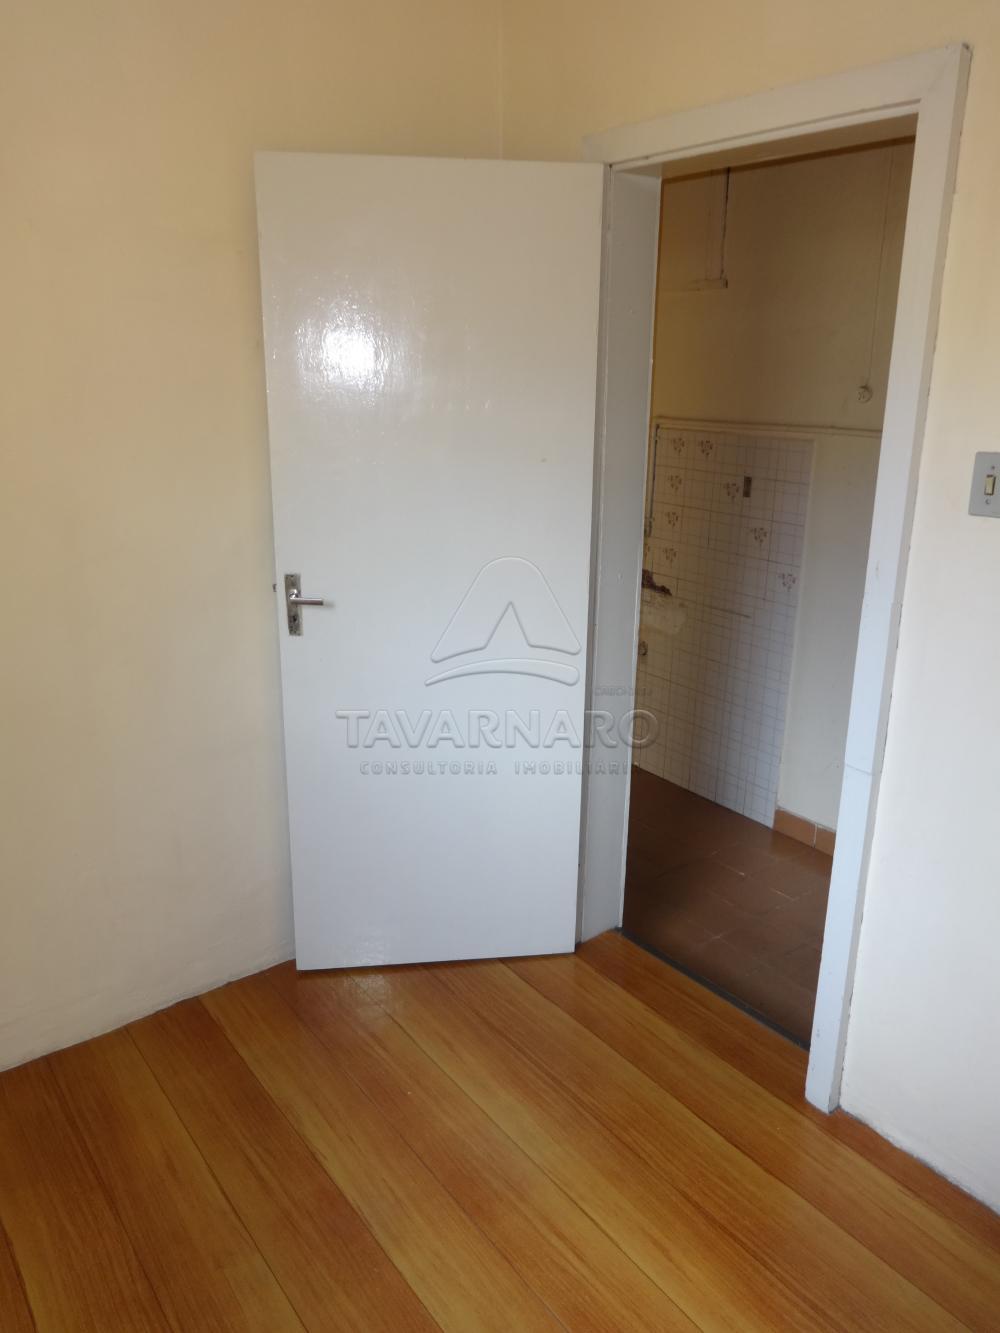 Alugar Casa / Padrão em Ponta Grossa apenas R$ 350,00 - Foto 8